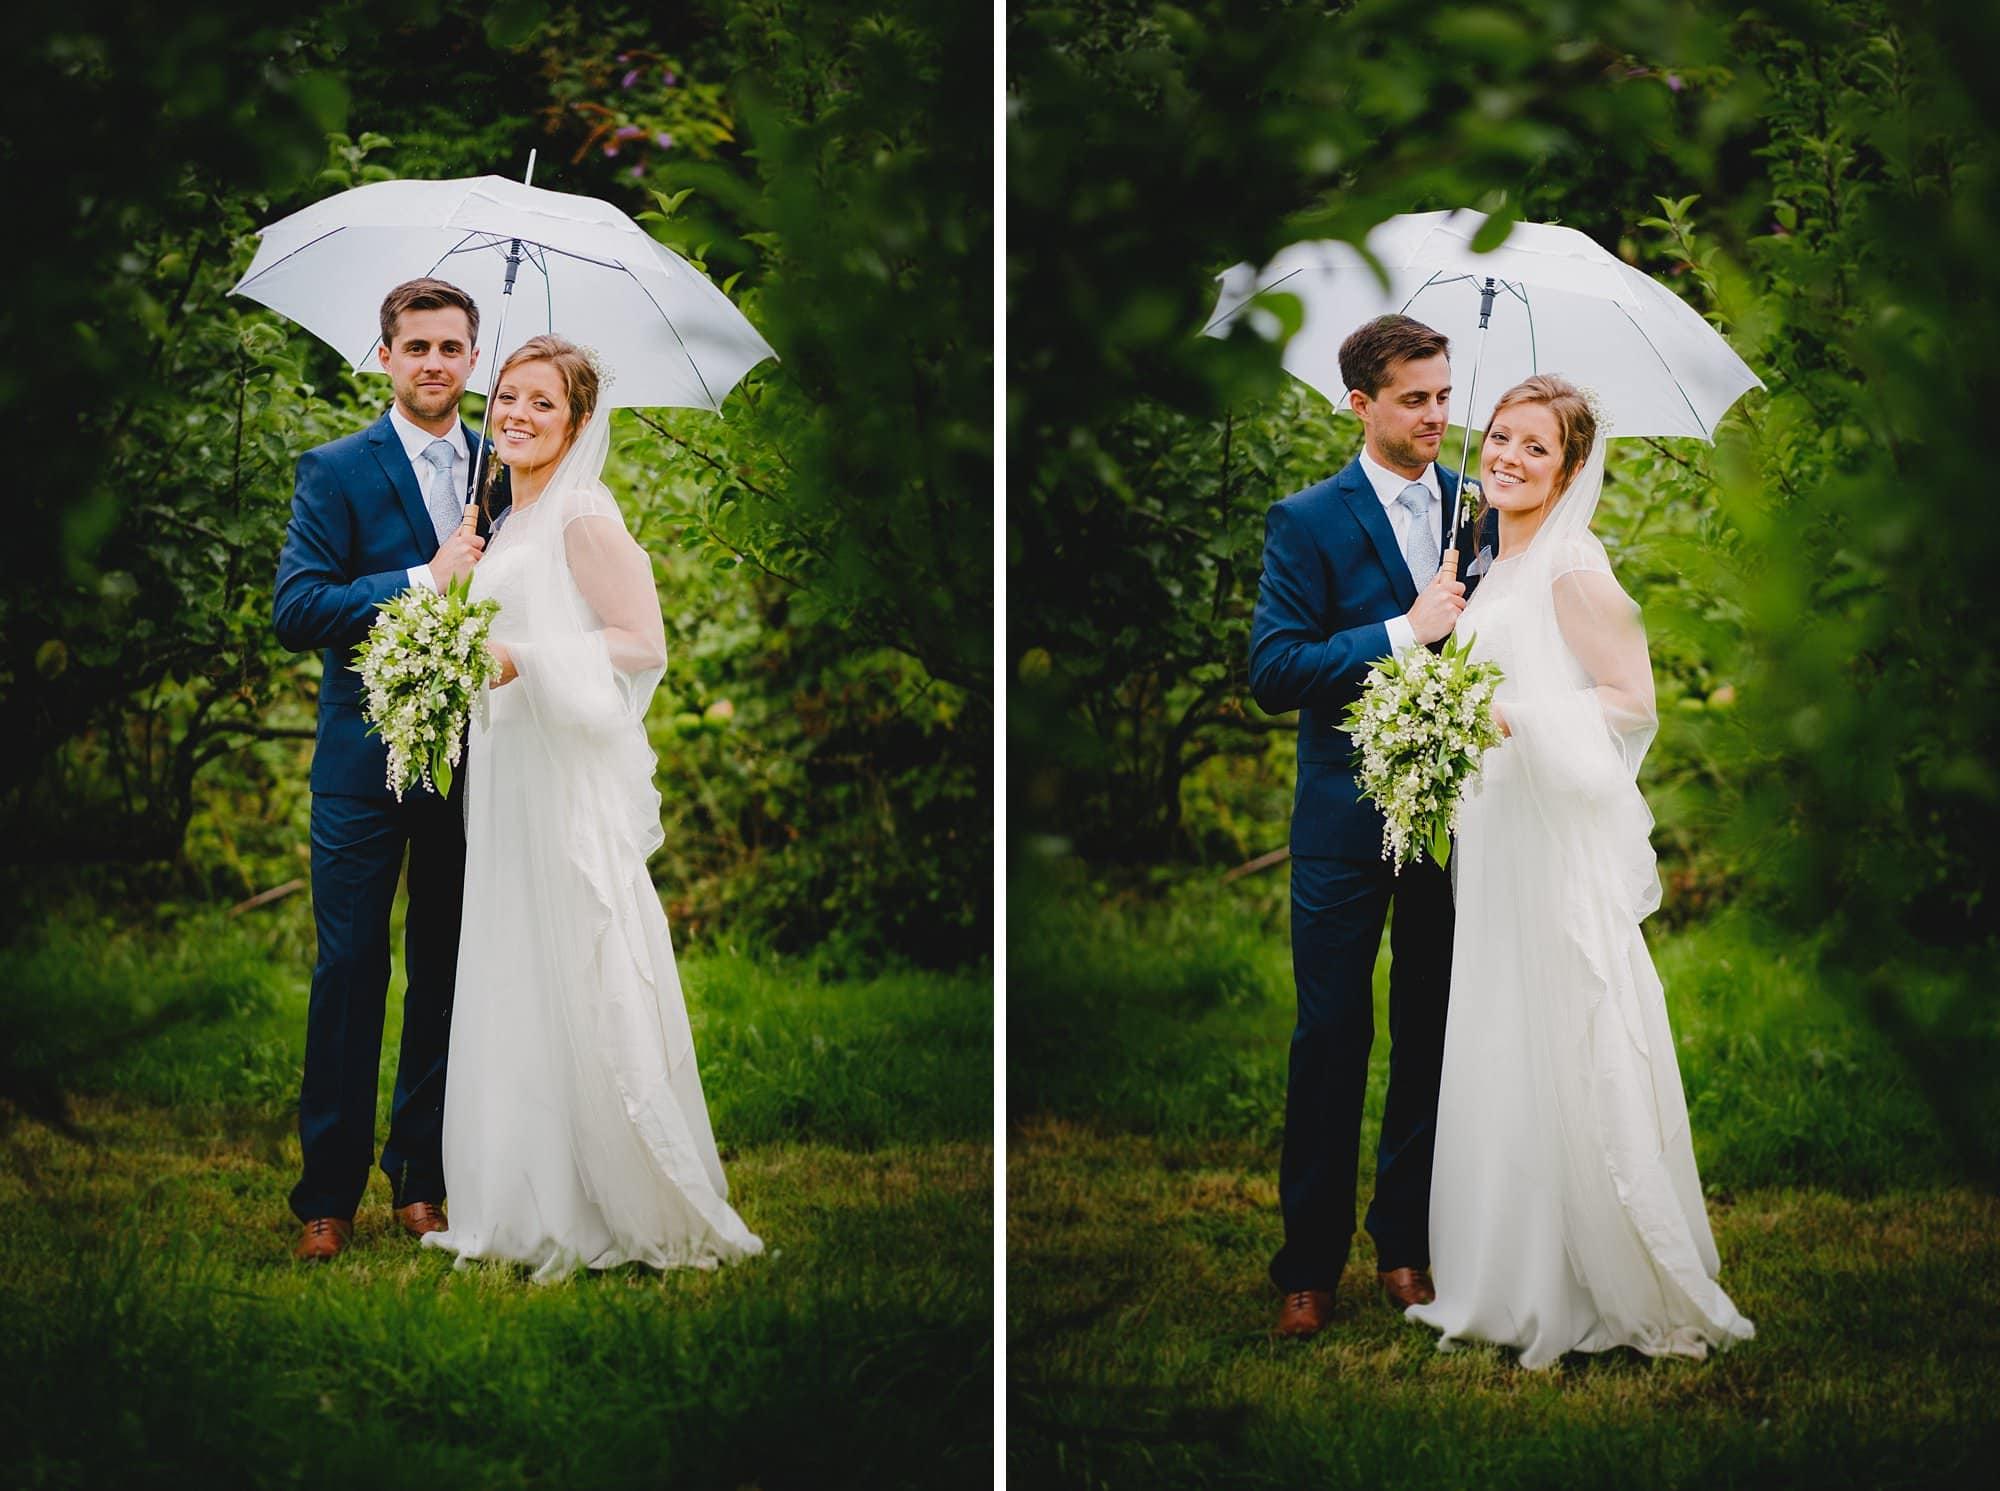 ashtead london wedding photographer 057 - Rachel & Jonny's Ashtead Wedding